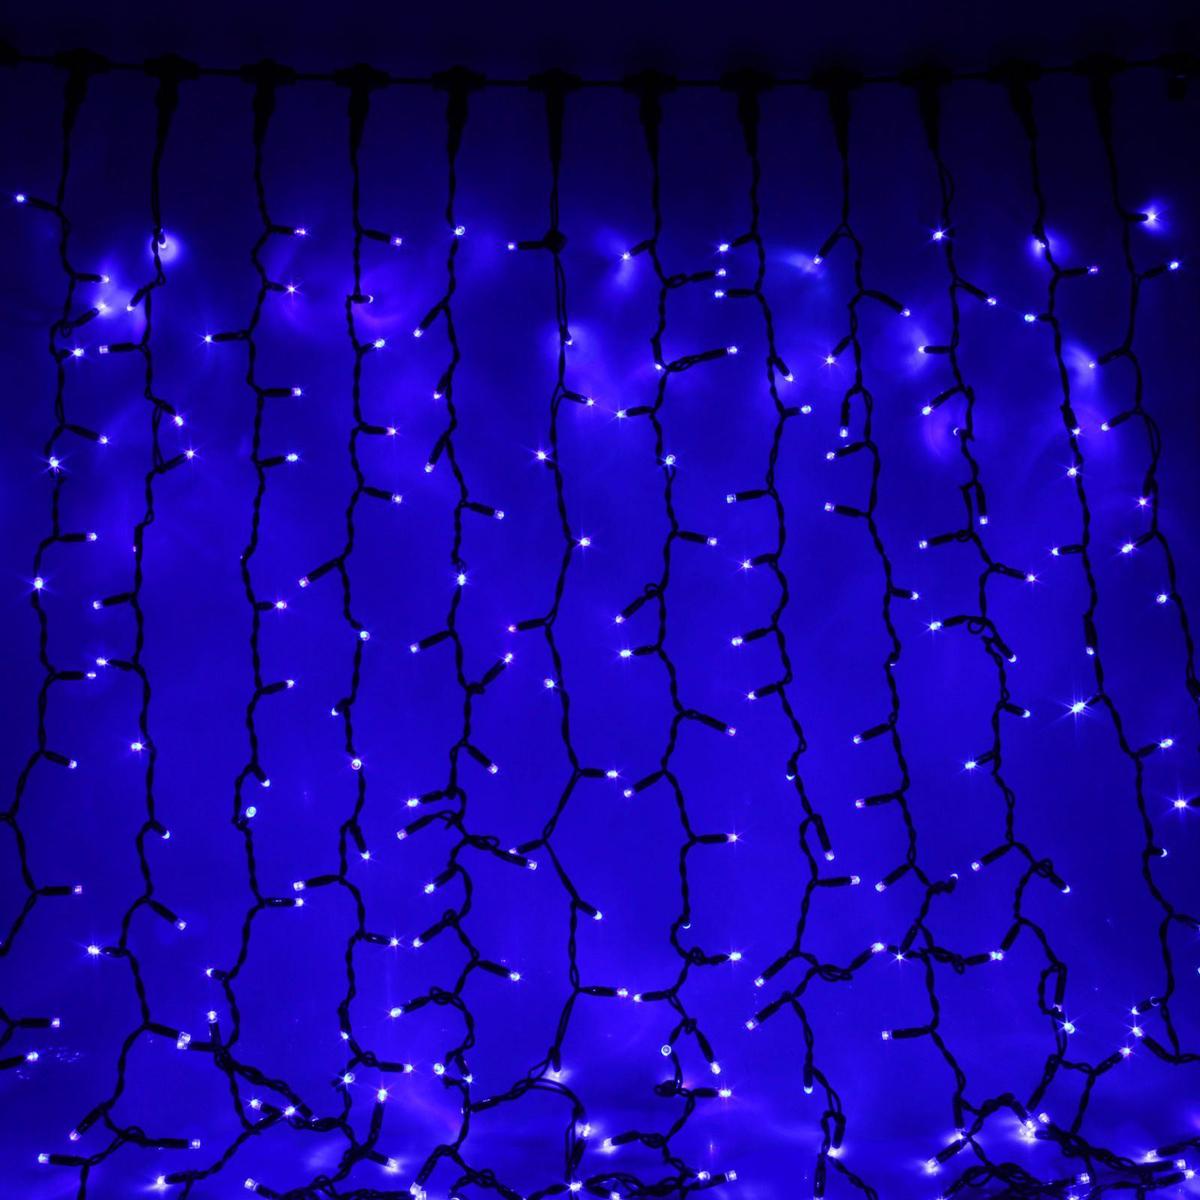 Гирлянда светодиодная Sima-land Занавес, цвет: синий, уличная, 2280 ламп, 220 V, 2 х 8 м. 23328642332864Светодиодные гирлянды и ленты — это отличный вариант для новогоднего оформления интерьера или фасада. С их помощью помещение любого размера можно превратить в праздничный зал, а внешние элементы зданий, украшенные ими, мгновенно станут напоминать очертания сказочного дворца. Такие украшения создают ауру предвкушения чуда. Деревья, фасады, витрины, окна и арки будто специально созданы, чтобы вы украсили их светящимися нитями.